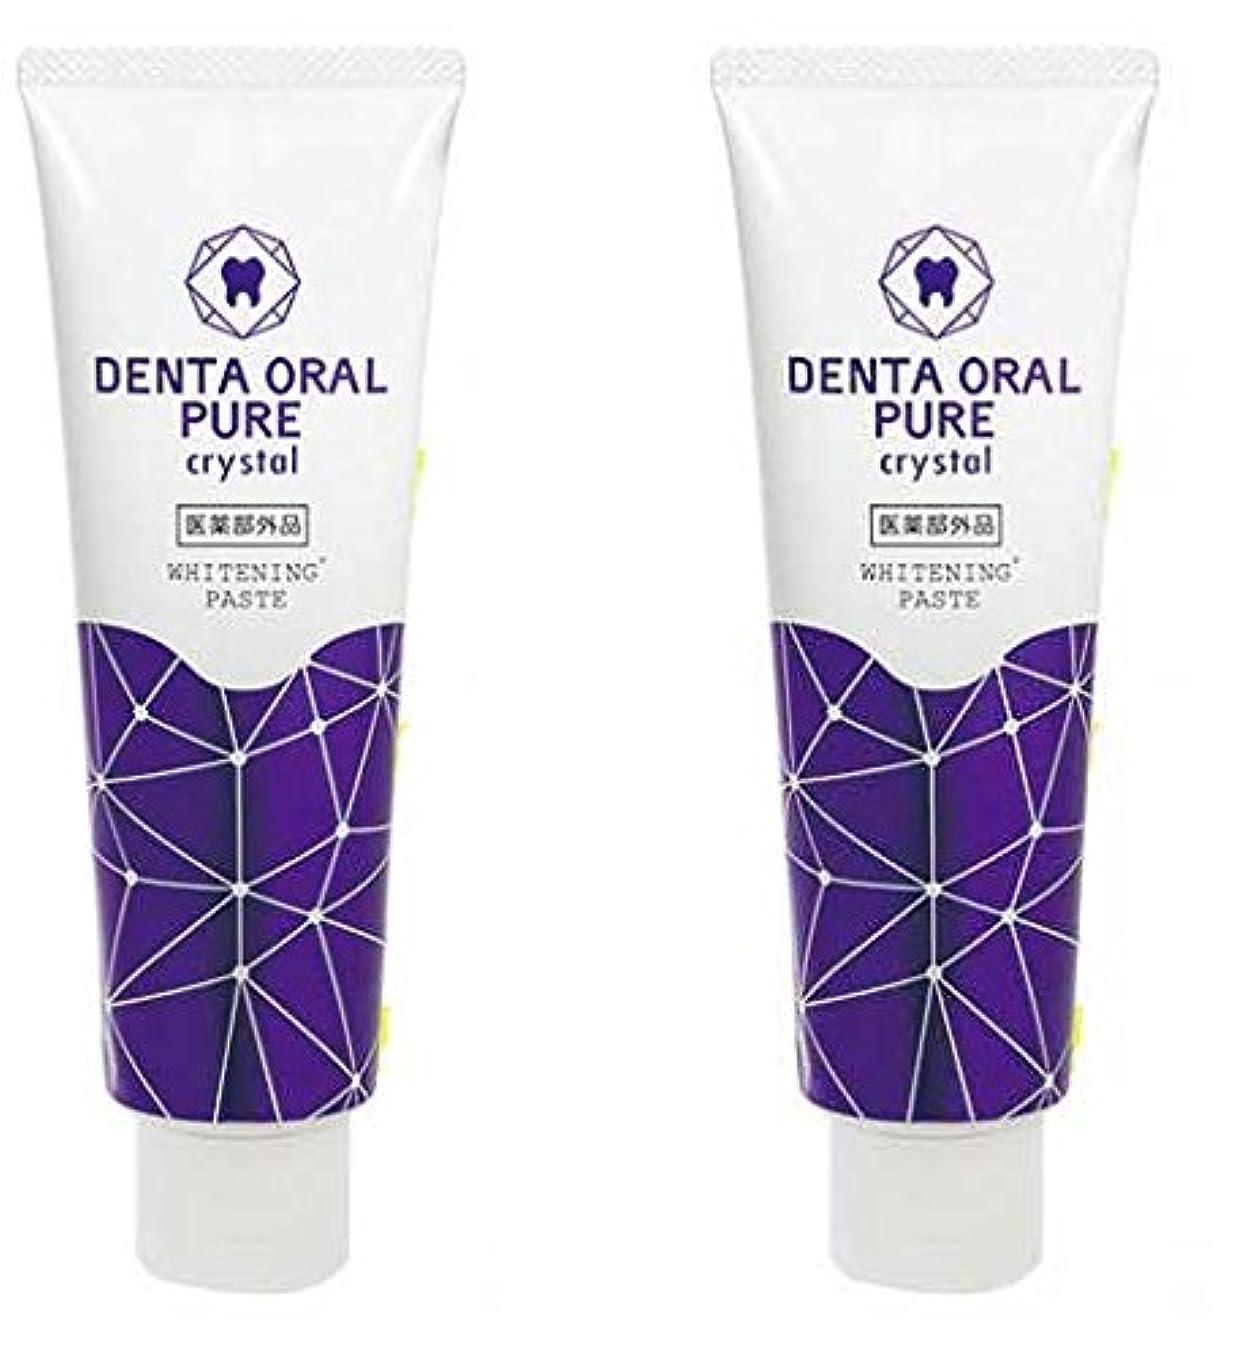 キリスト本当のことを言うと思想ホワイトニング歯磨き粉 デンタオーラルピュア クリスタル 2個セット 医薬部外品